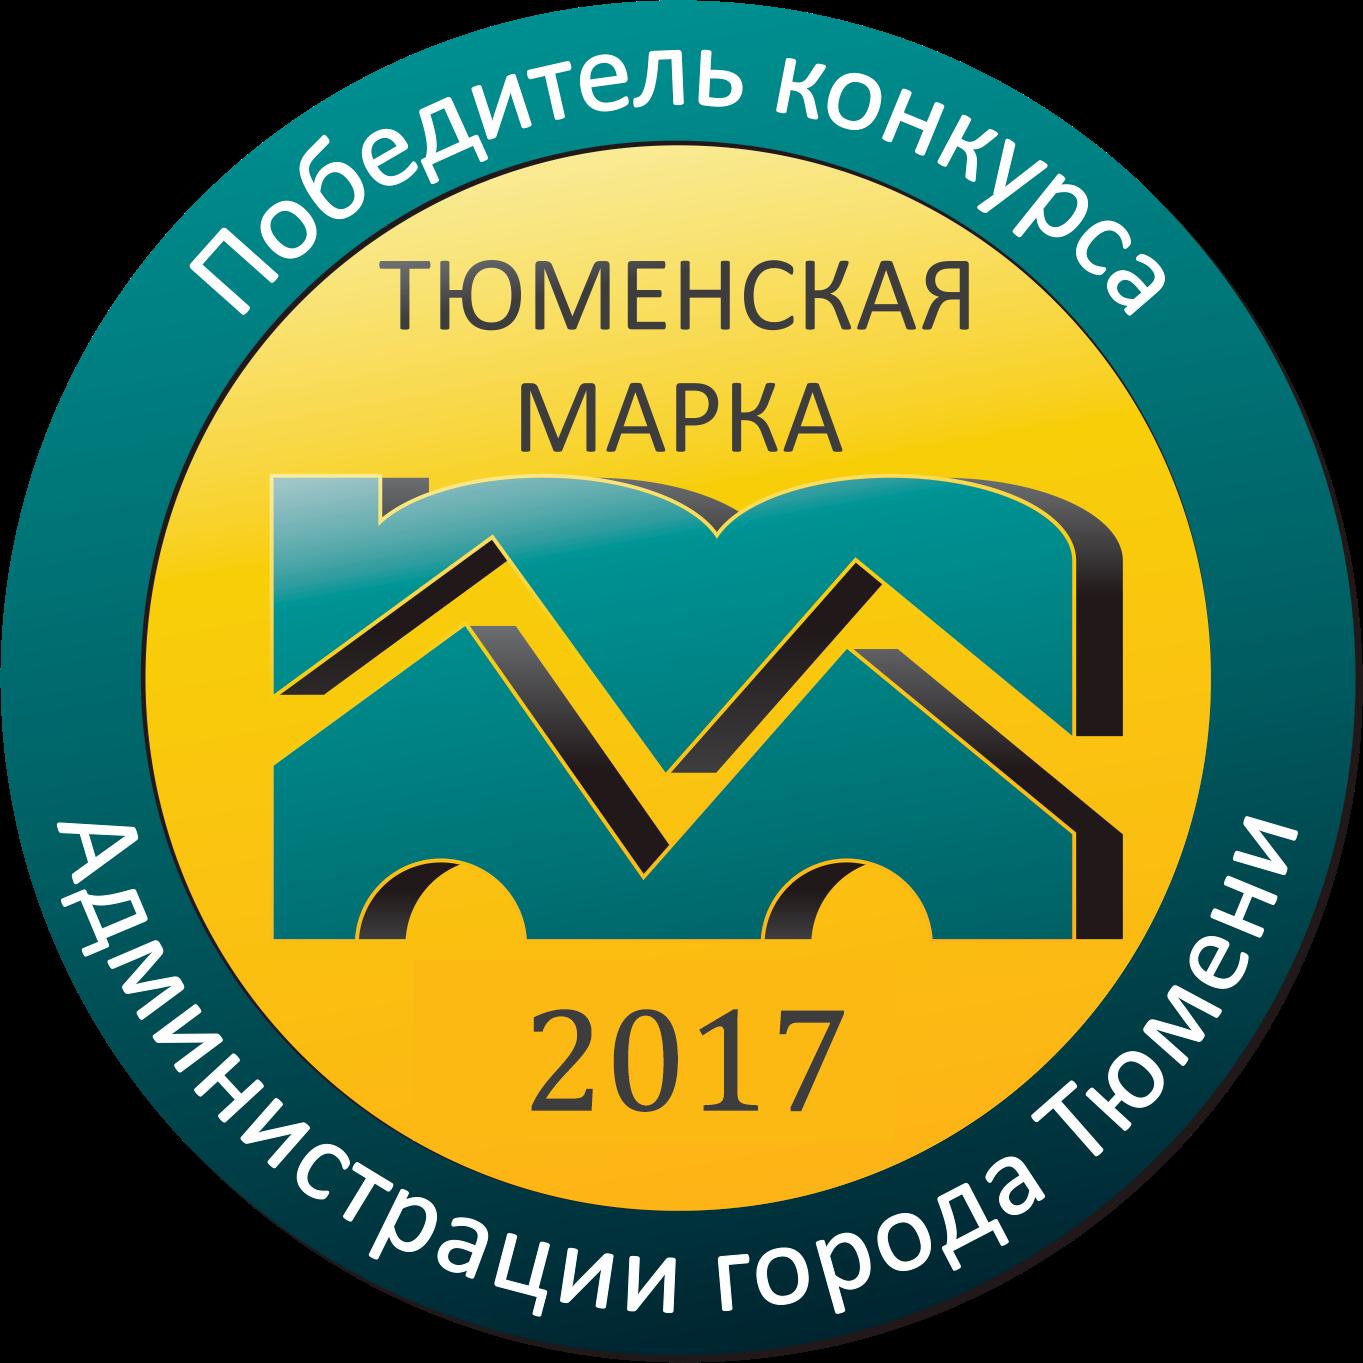 Победитель конкурса 2017